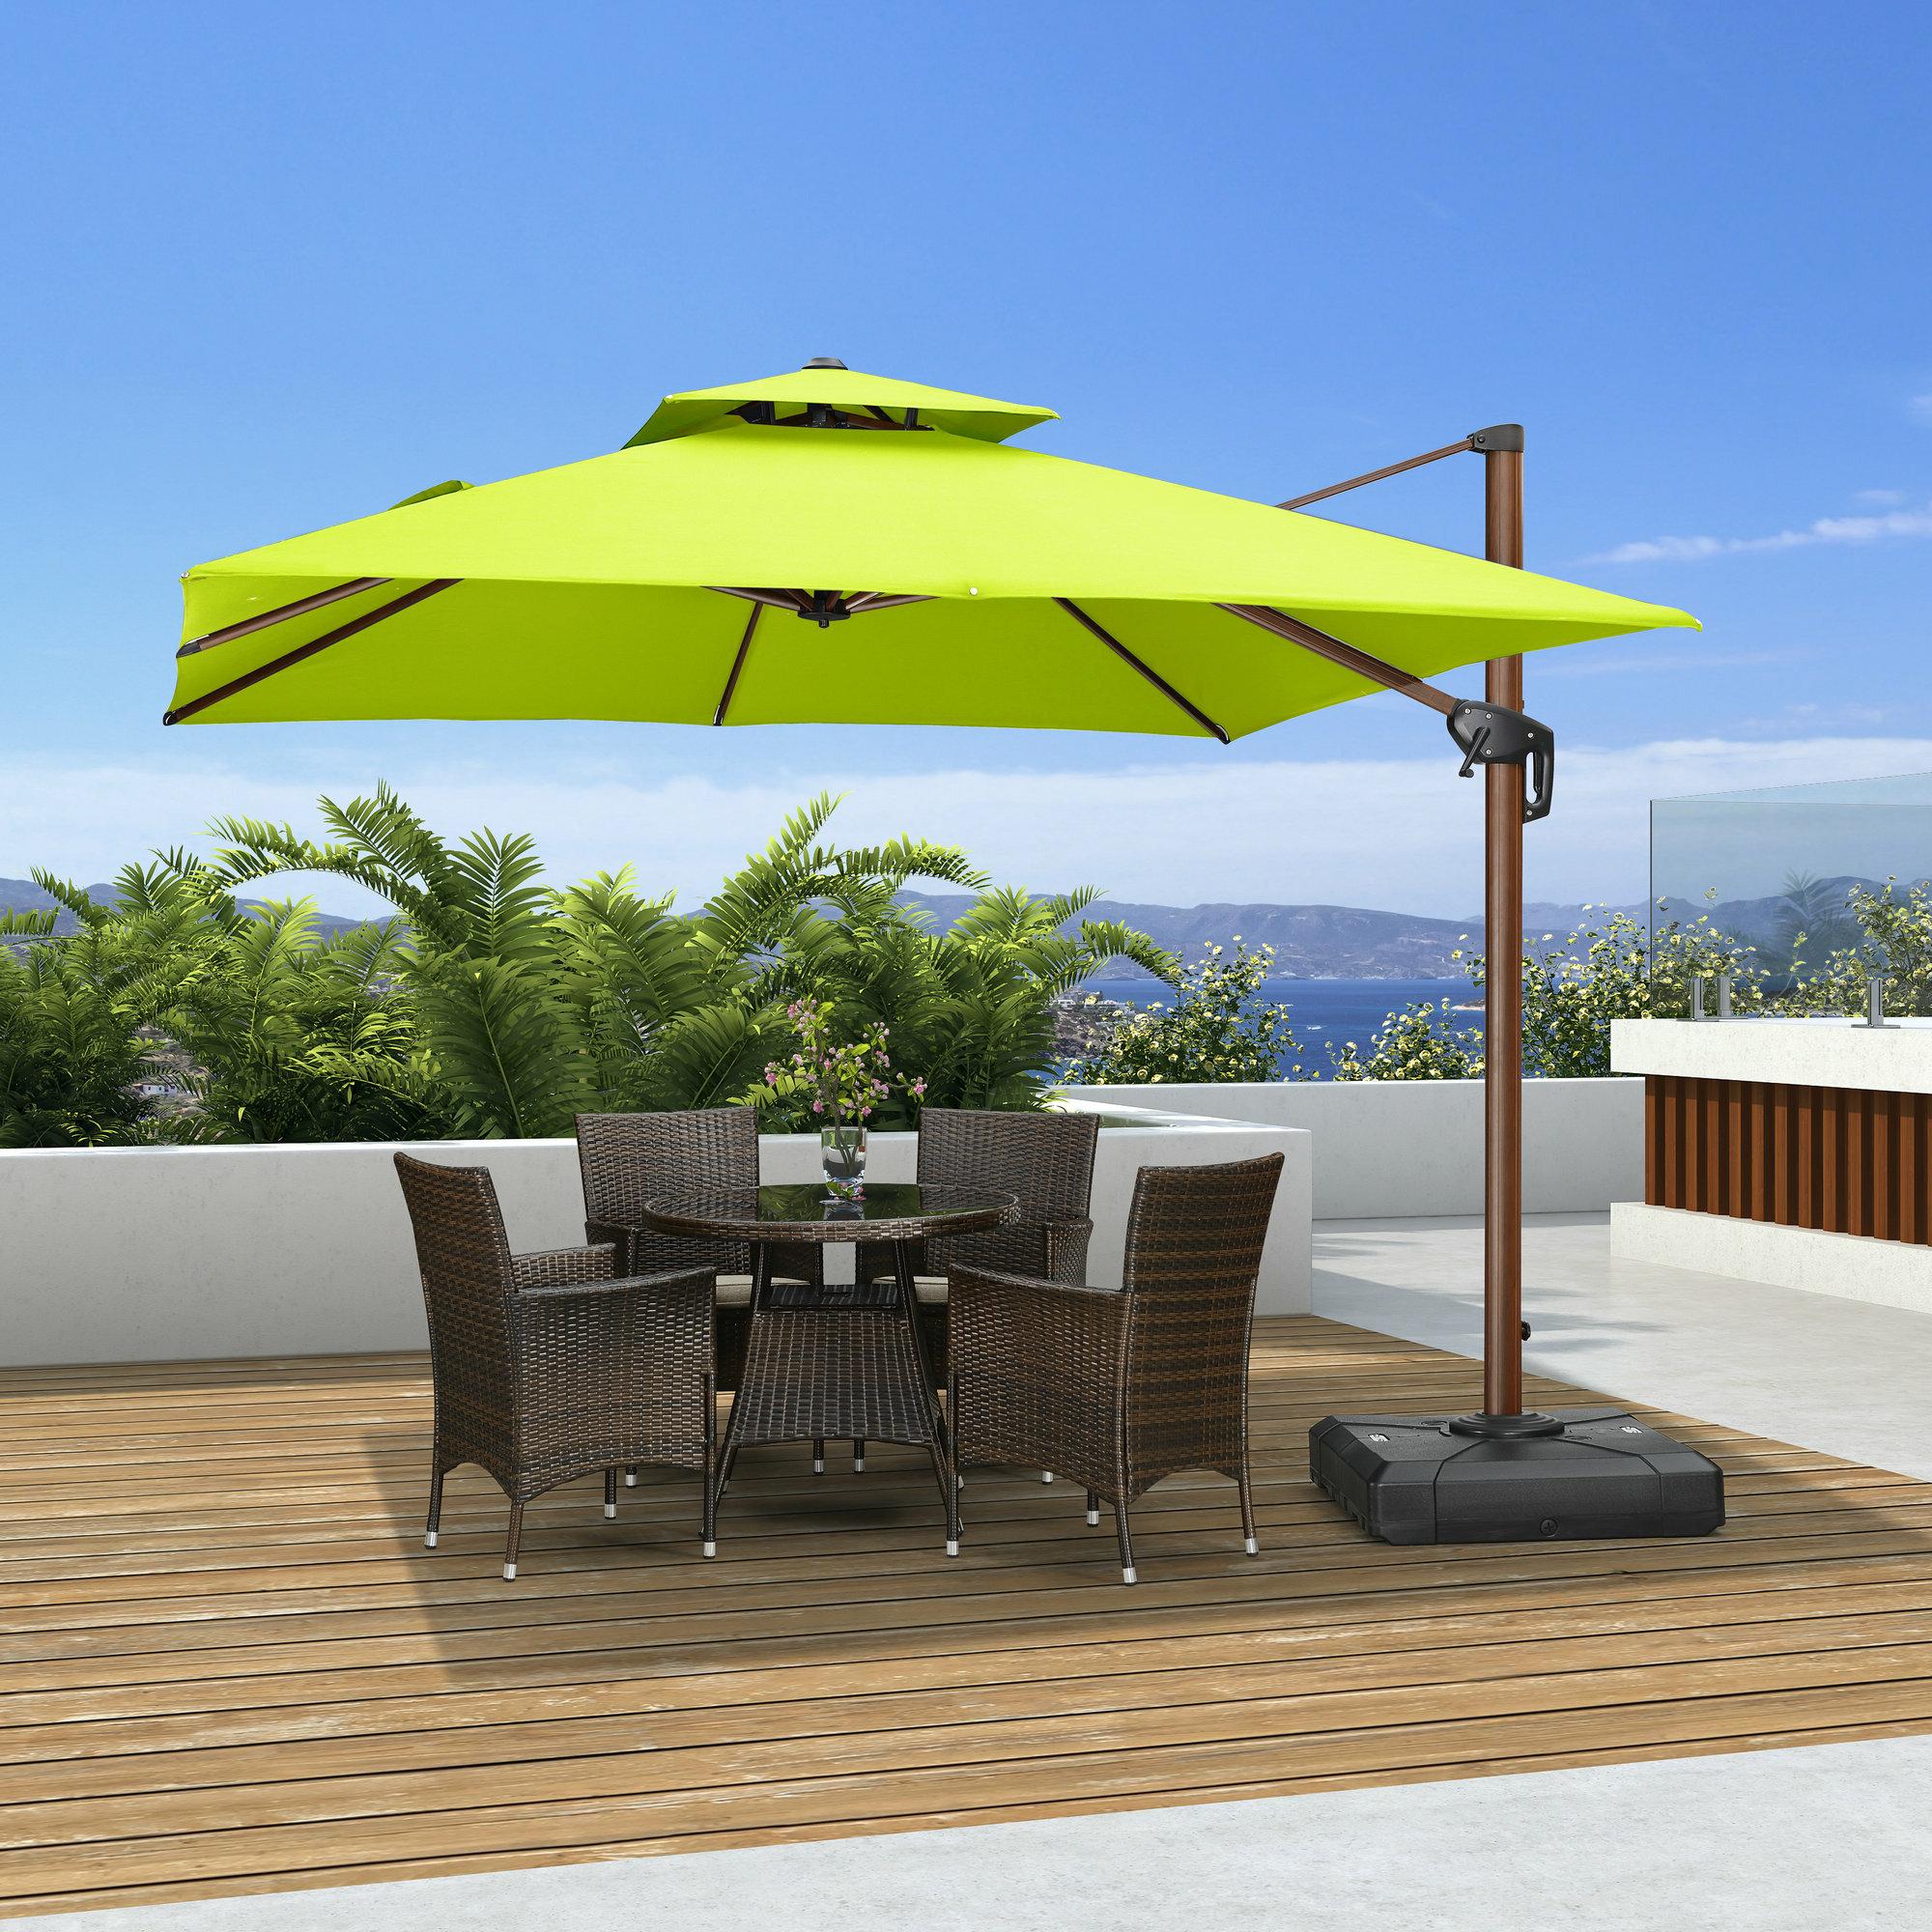 Latest Waddell 10' Square Cantilever Umbrella Within Voss Cantilever Sunbrella Umbrellas (View 8 of 20)